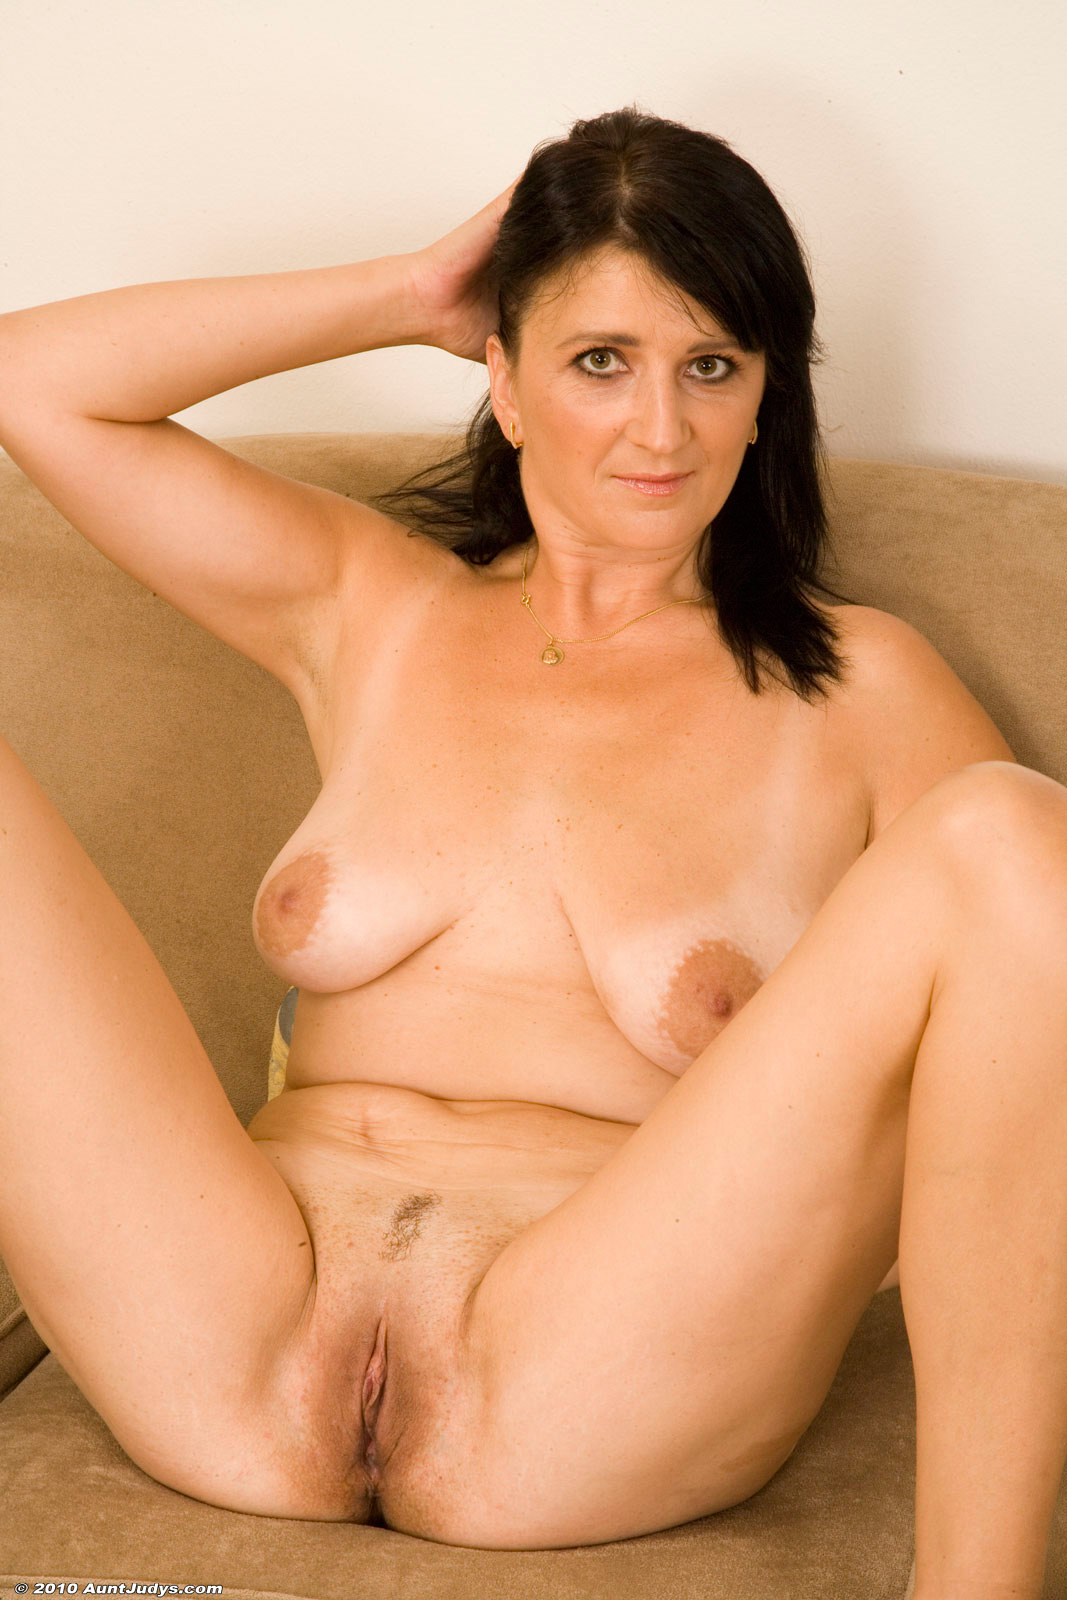 Azteca Porno Xxx judy bella porn videos search watch and download judy bella